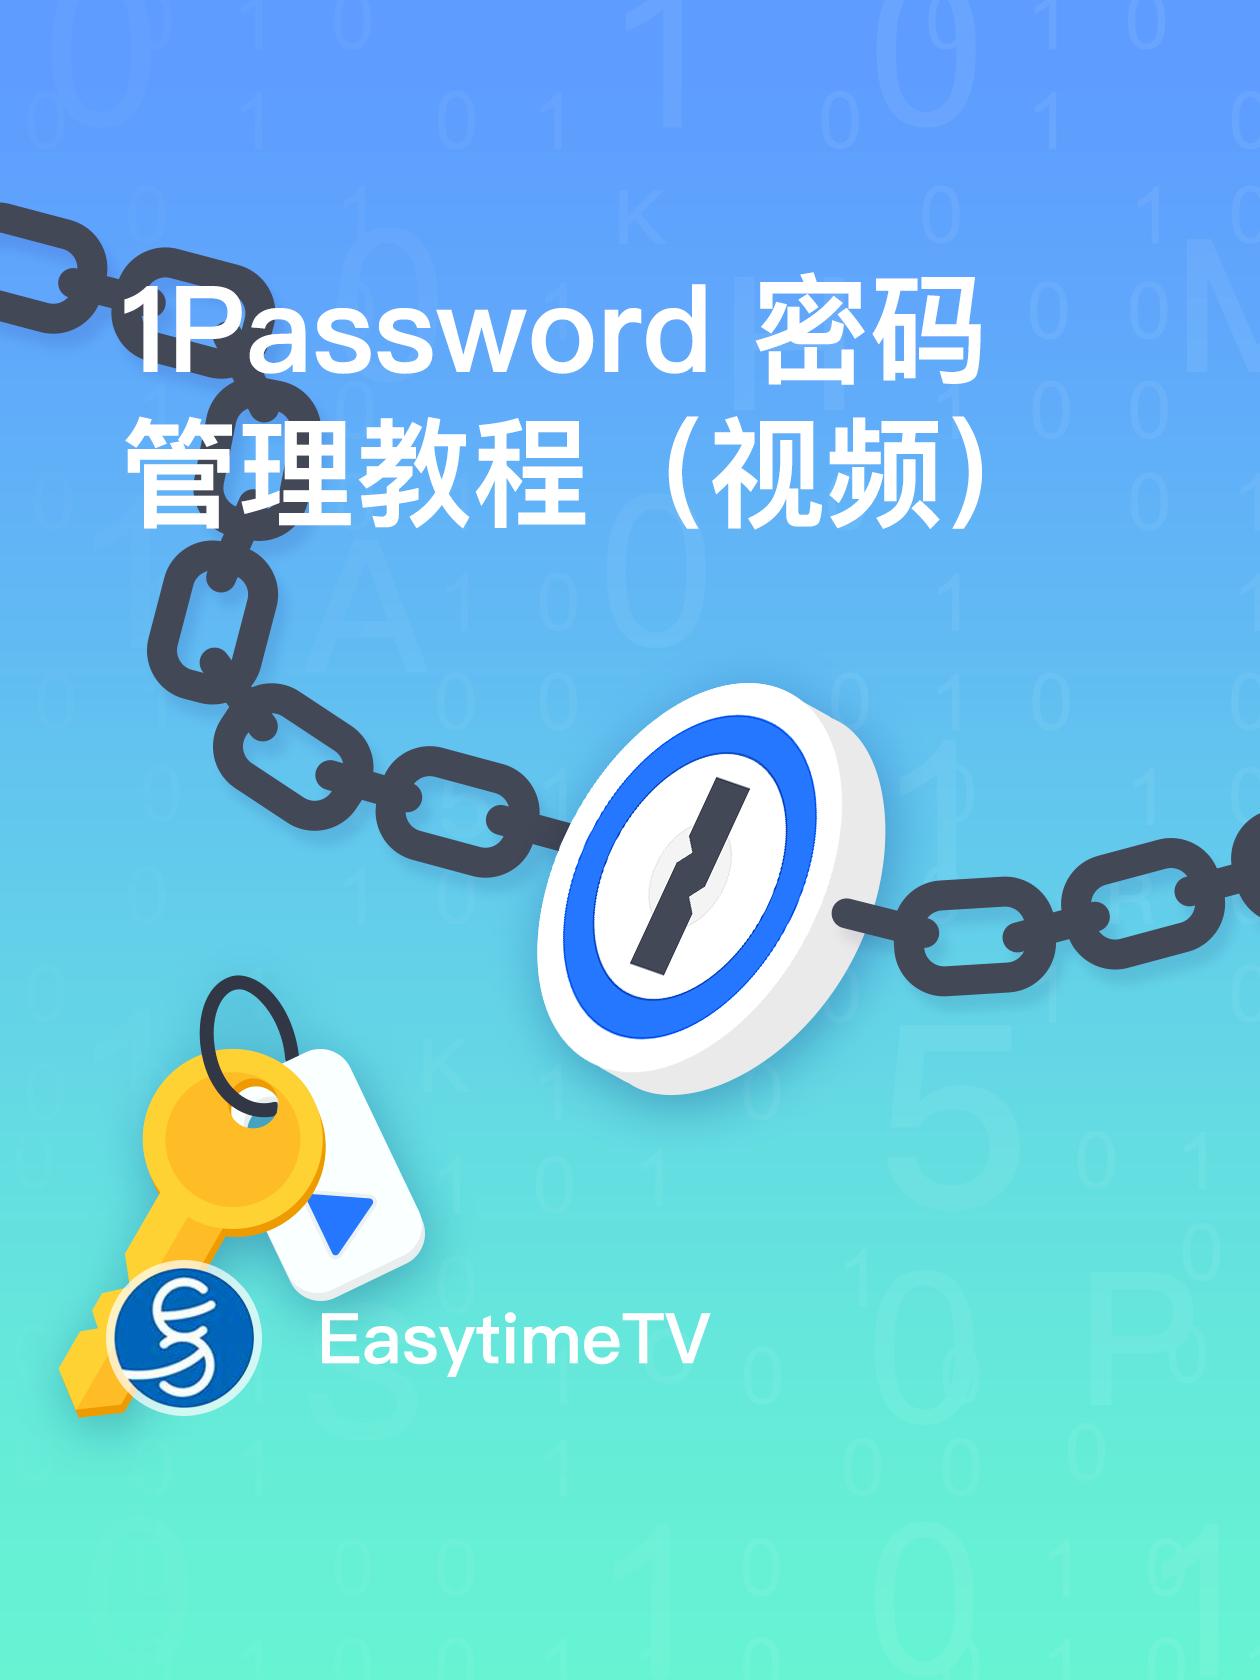 用 1Password 做好密码管理